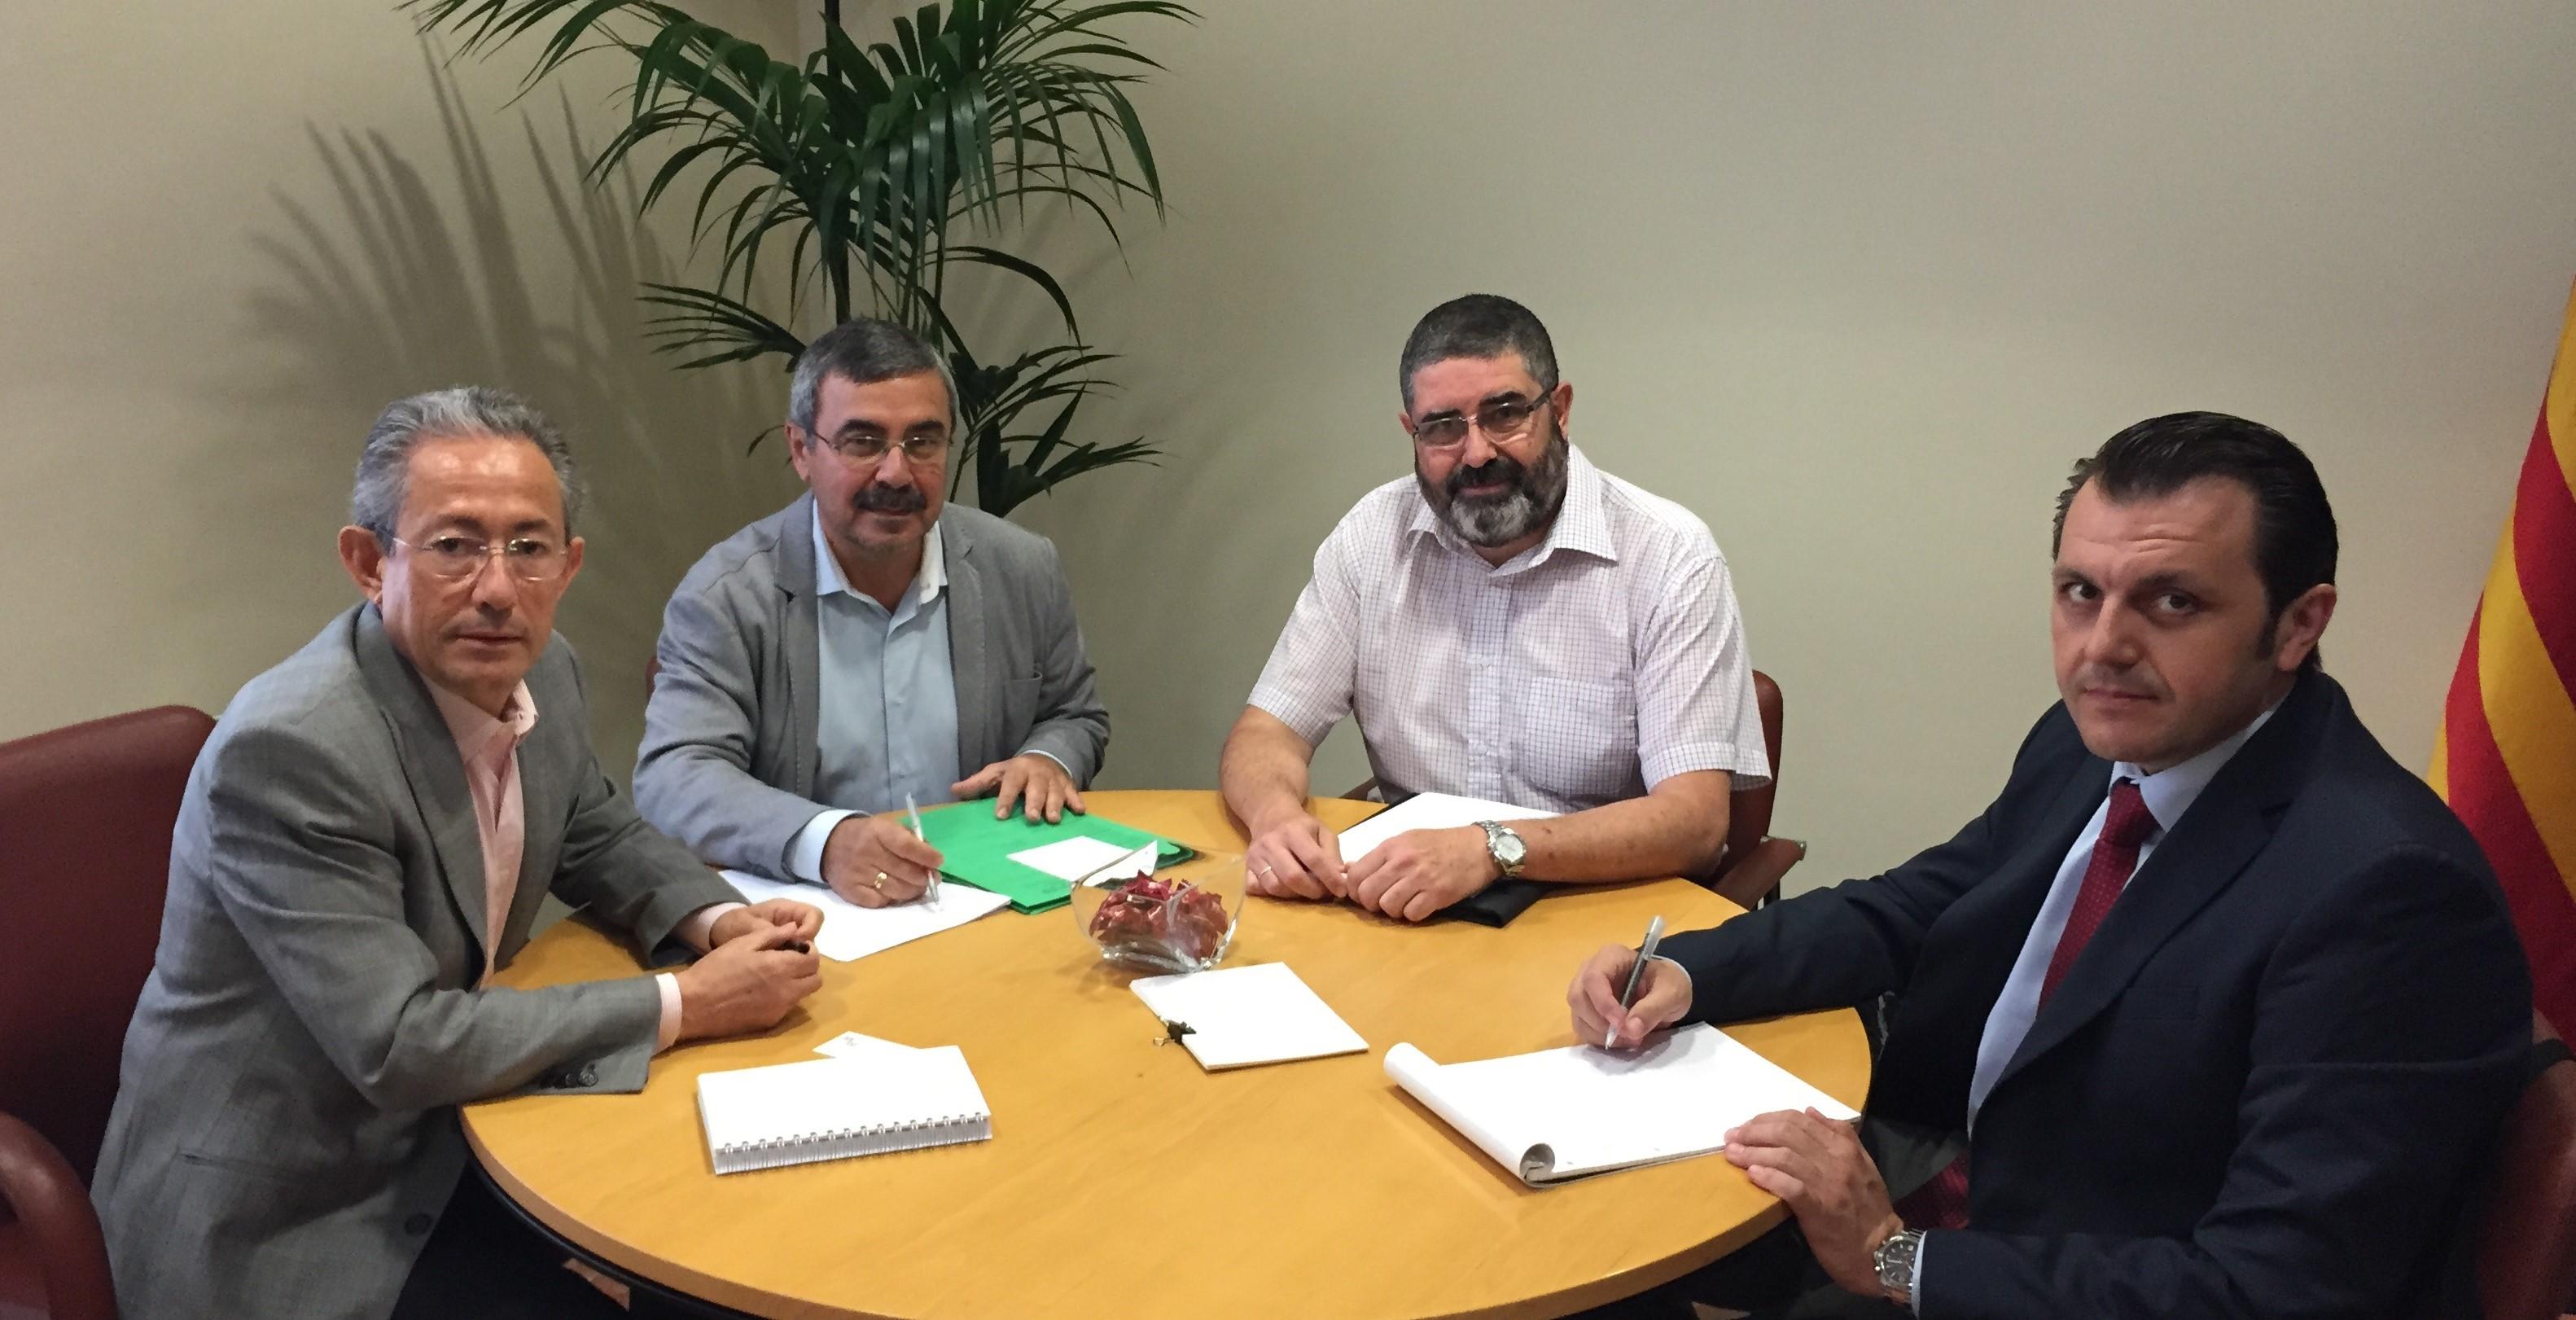 Reunión de trabajo con el nuevo director general de AERTE